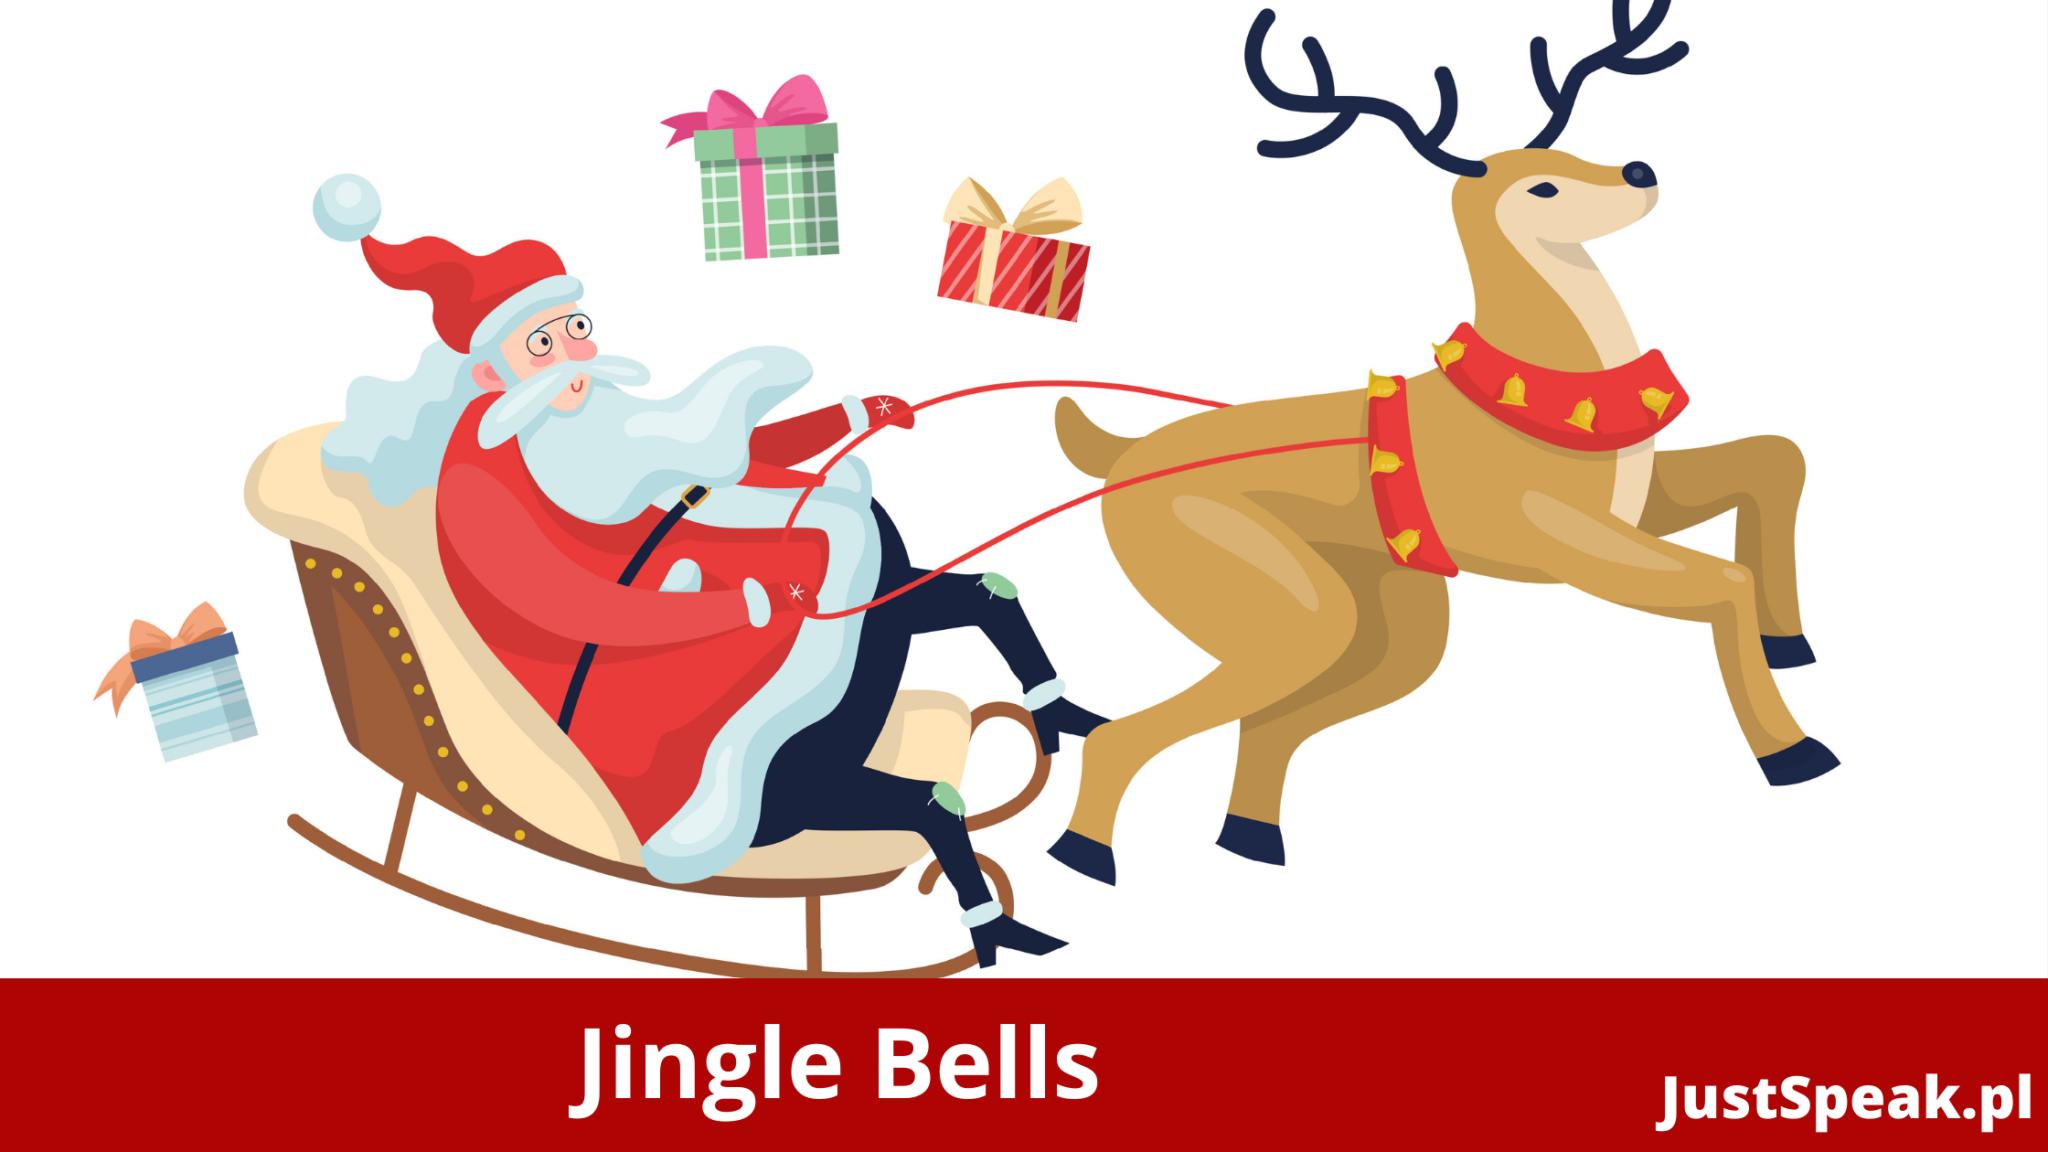 Jingle Bells, czyli świątecznie śpiewamy po angielsku…